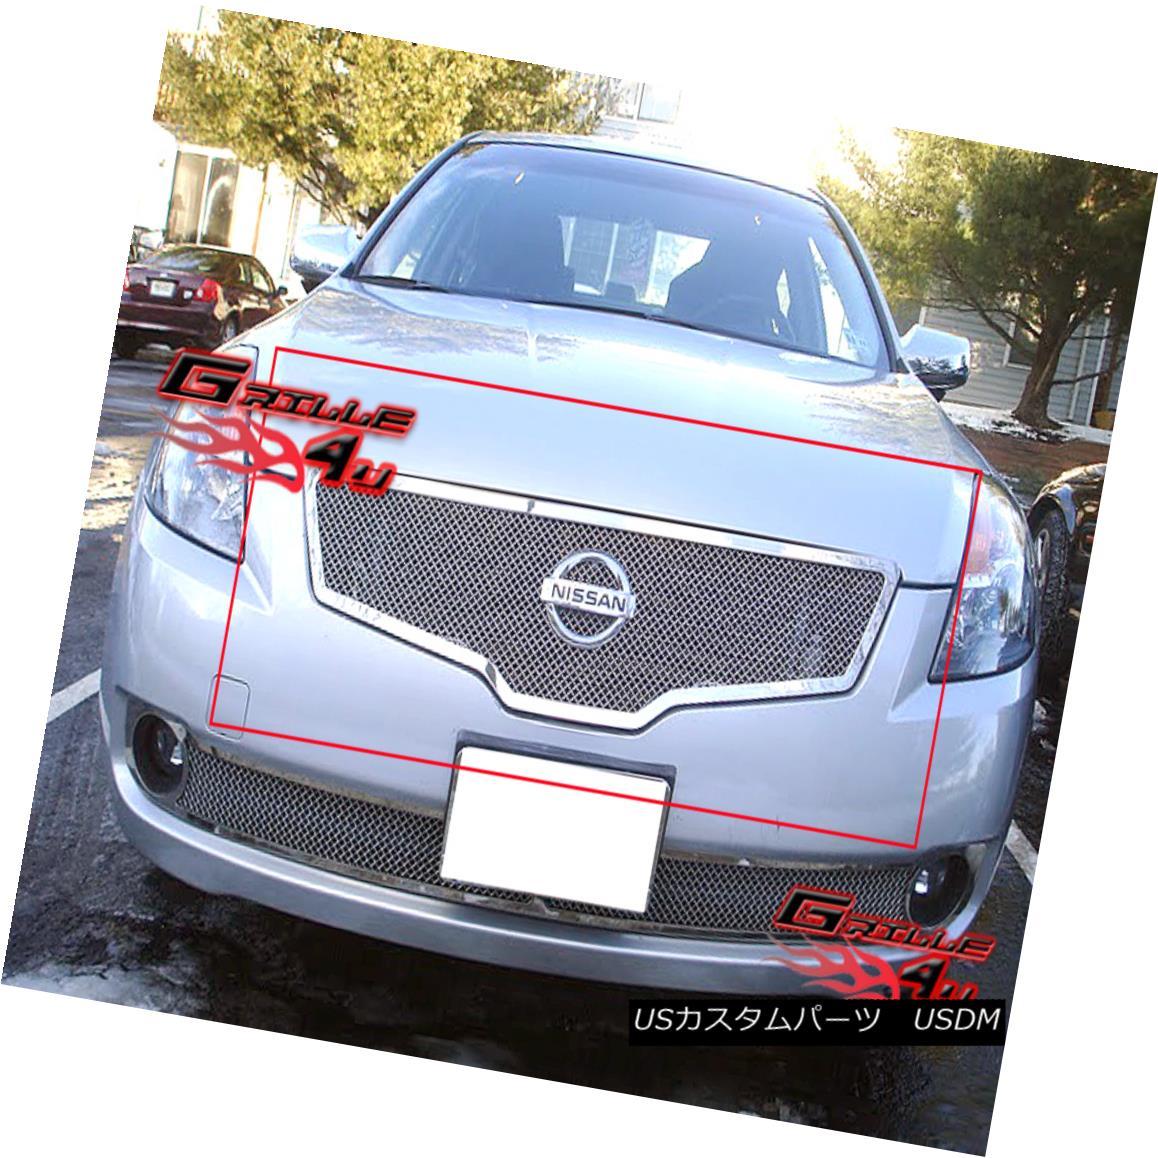 グリル Fits 2007-2009 Nissan Altima Stainless Steel Mesh Grille Insert 日産アルティマステンレスメッシュグリルインサート